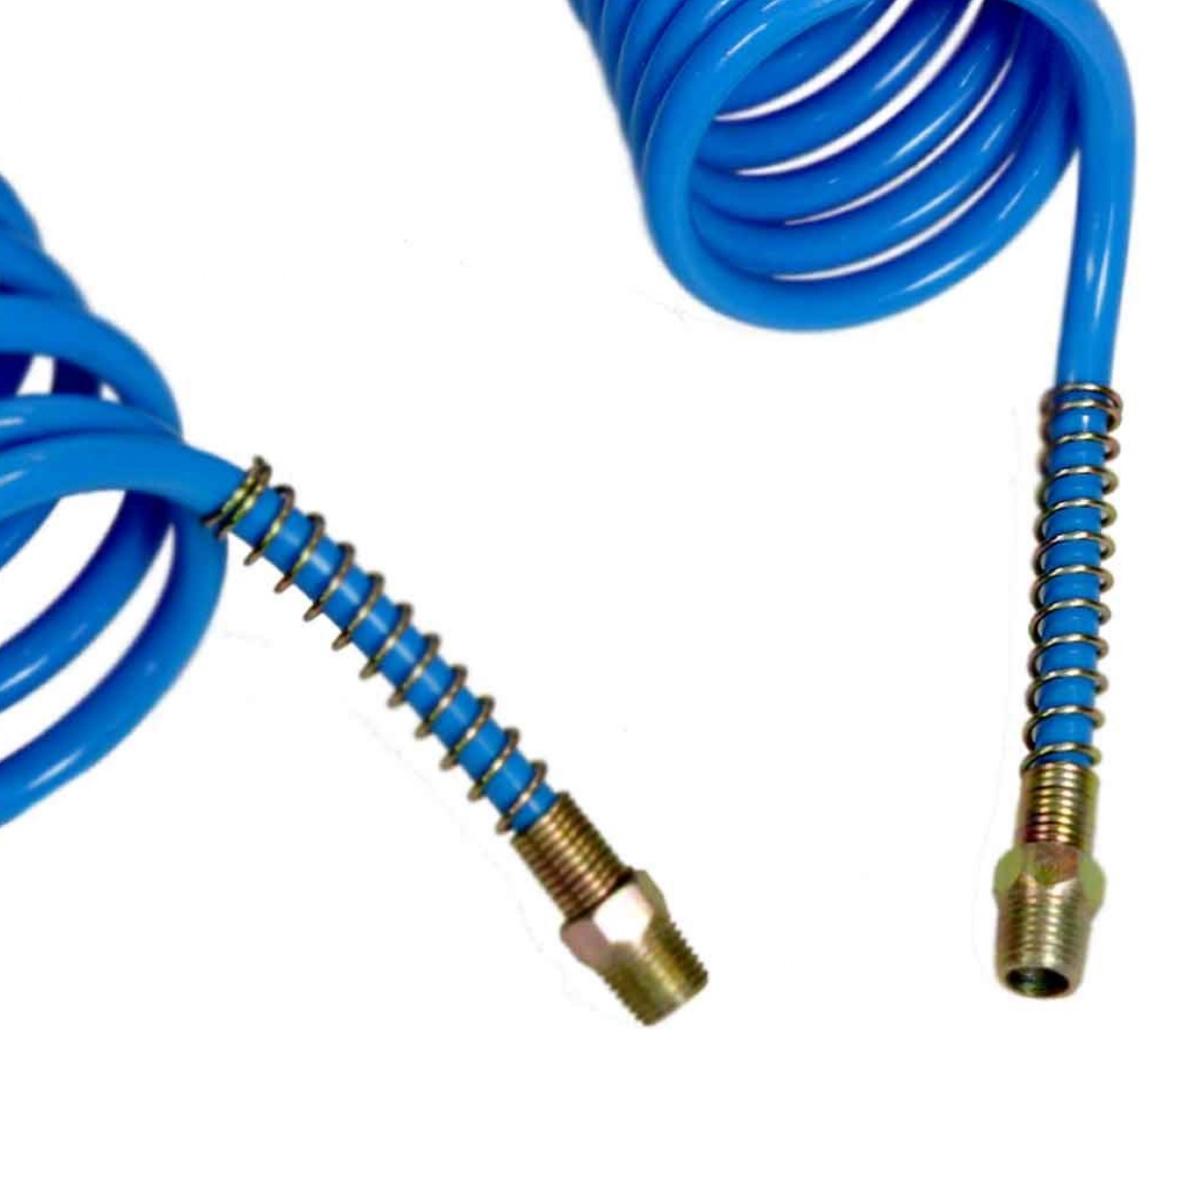 Mangueira Espiral Em Poliamida Azul 1/4 Polietileno